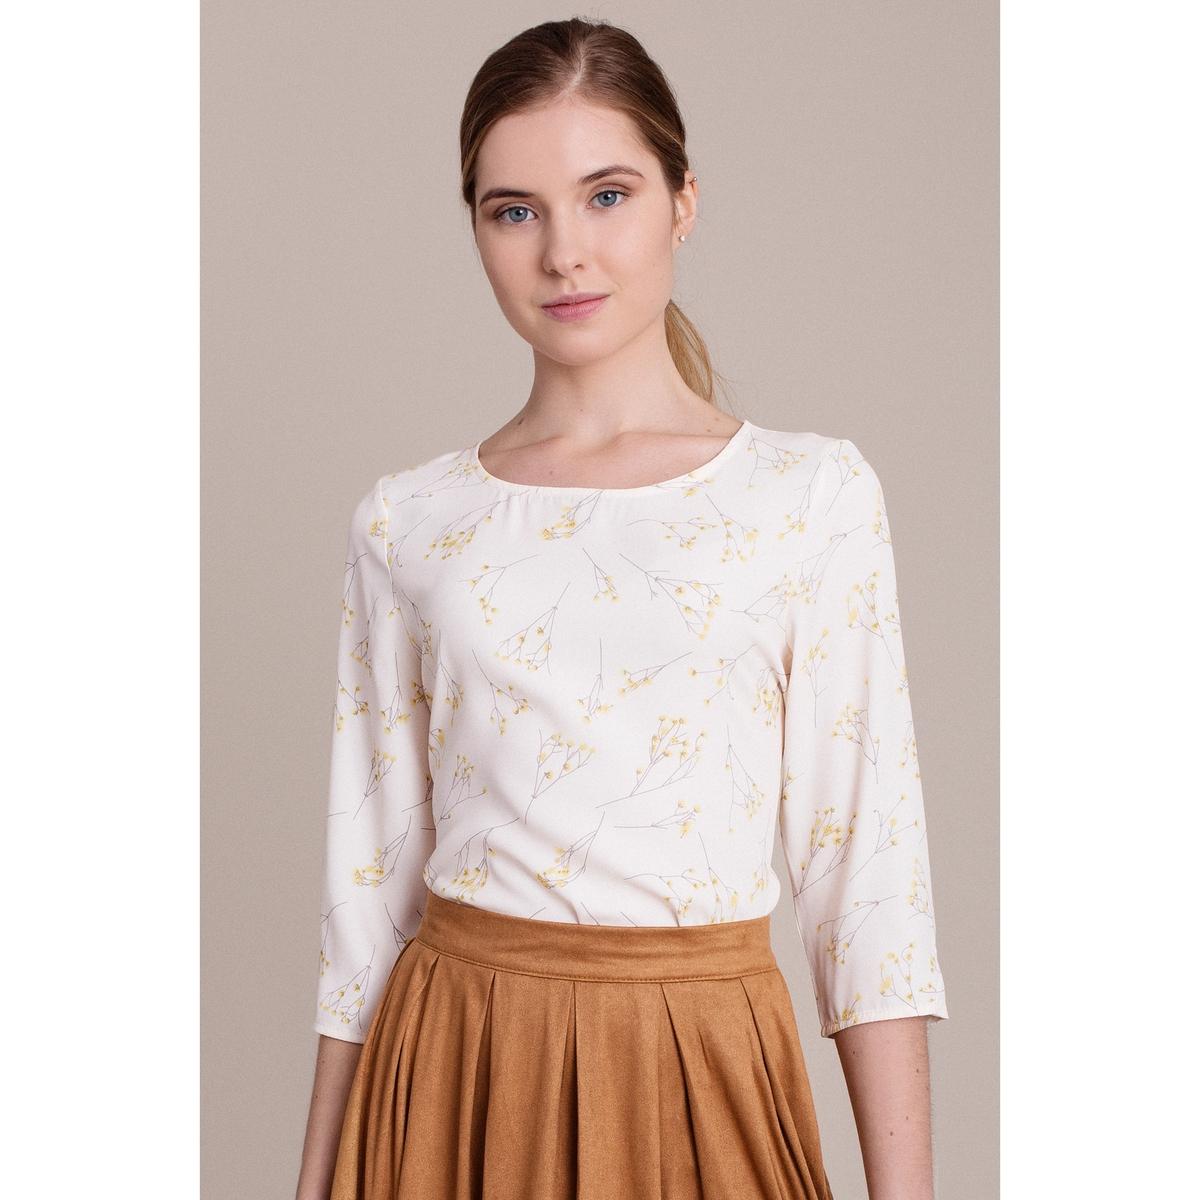 Блузка с короткими рукавами и рисункомХарактеристики &amp; детали        Материал: 100% полиэстера.                    Марка: MIGLE+ME.<br><br>Цвет: экрю/рисунок